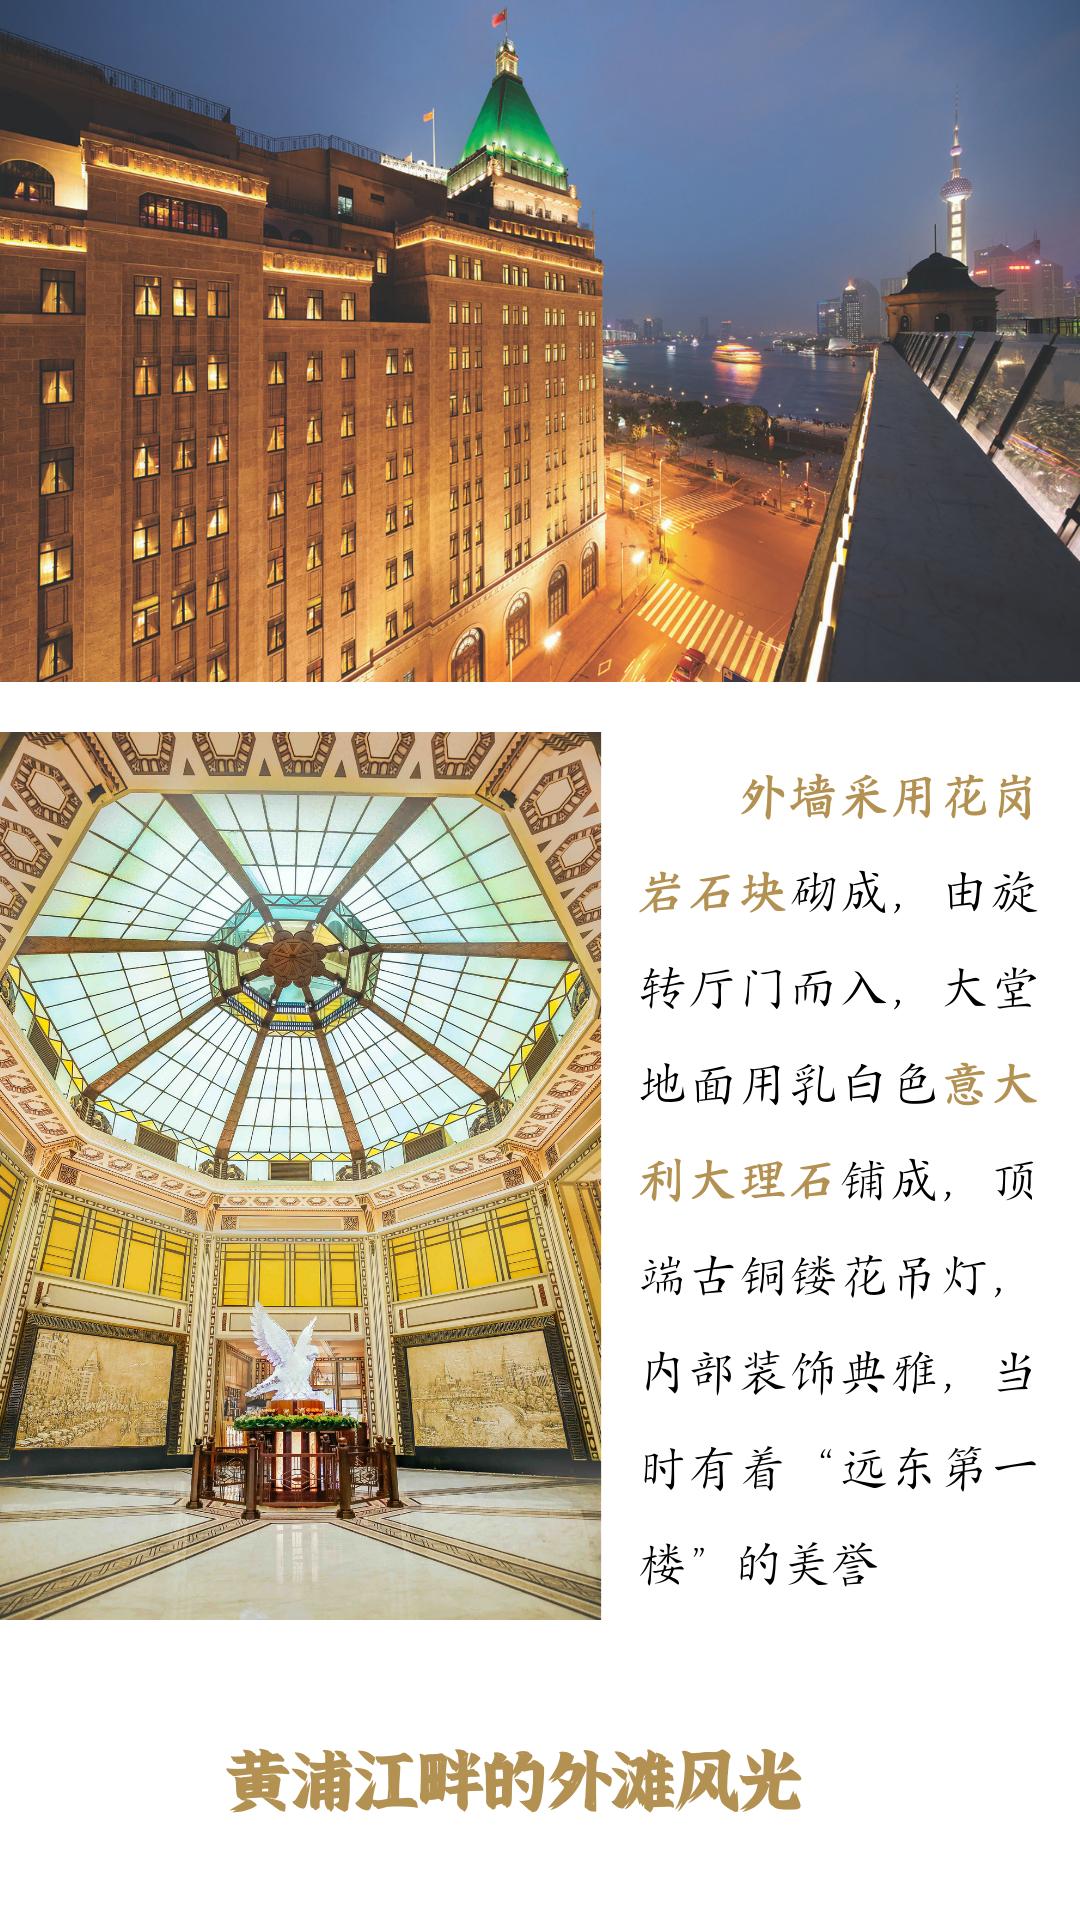 """春节可用/足不出沪睡外滩C位,享3天2晚奢华典雅之旅,感受""""远东第一楼""""的百年传奇变迁,致敬经典~ 含双早每间夜低至1400➕"""